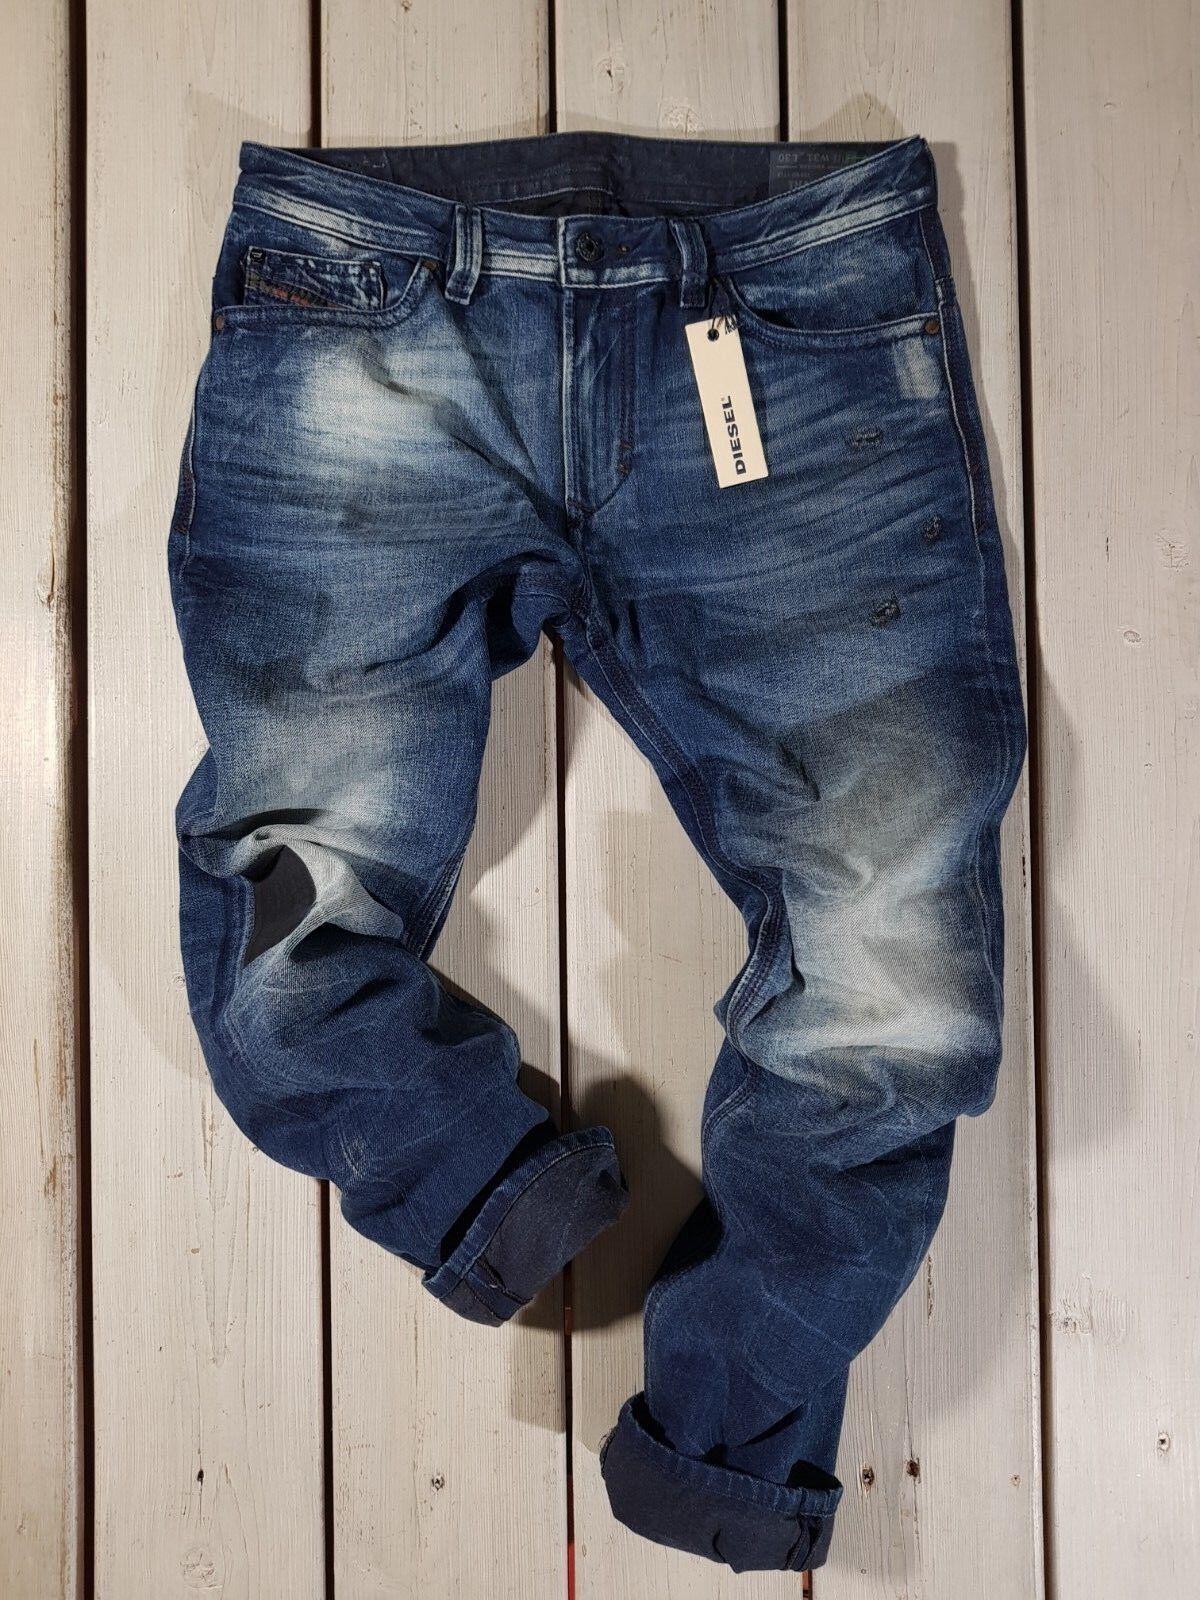 Precio recomendado de  venta  459 Nuevo Diesel Hombres Jeans THAVAR 0846L Slim Skinny Lavado a La Piedra  minoristas en línea